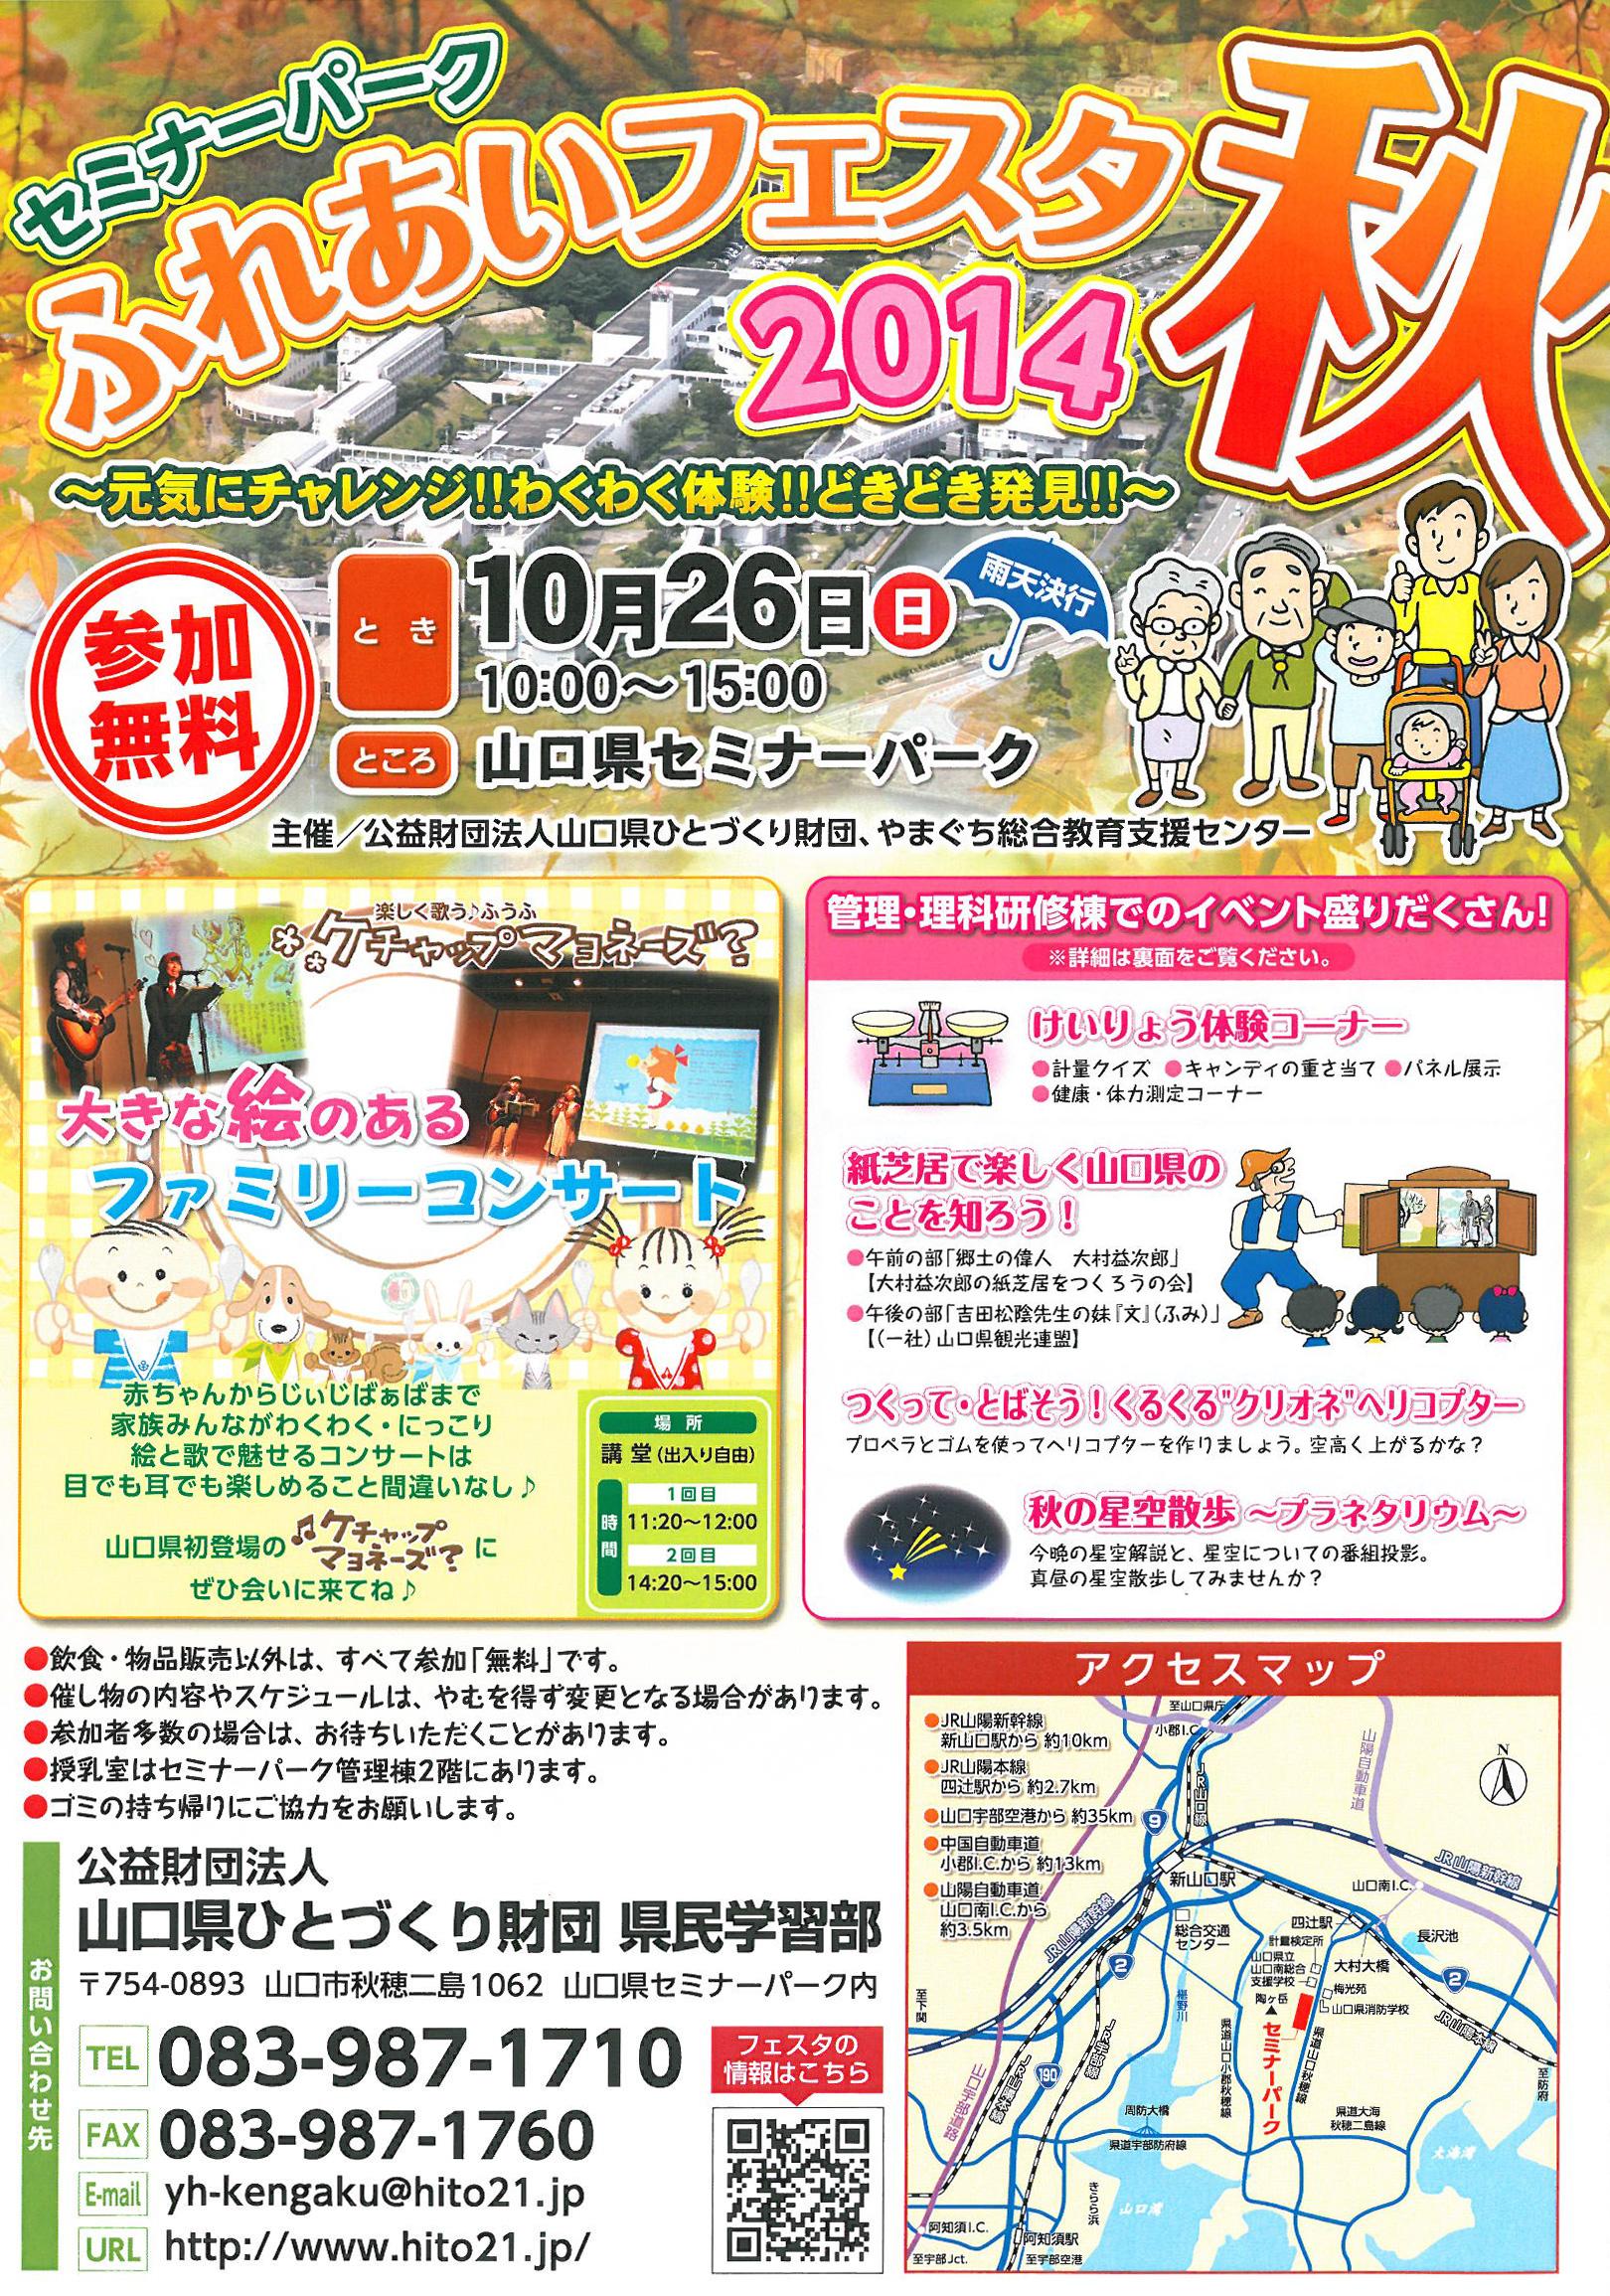 山口県ふれあいフェスタ2014秋に出演します!